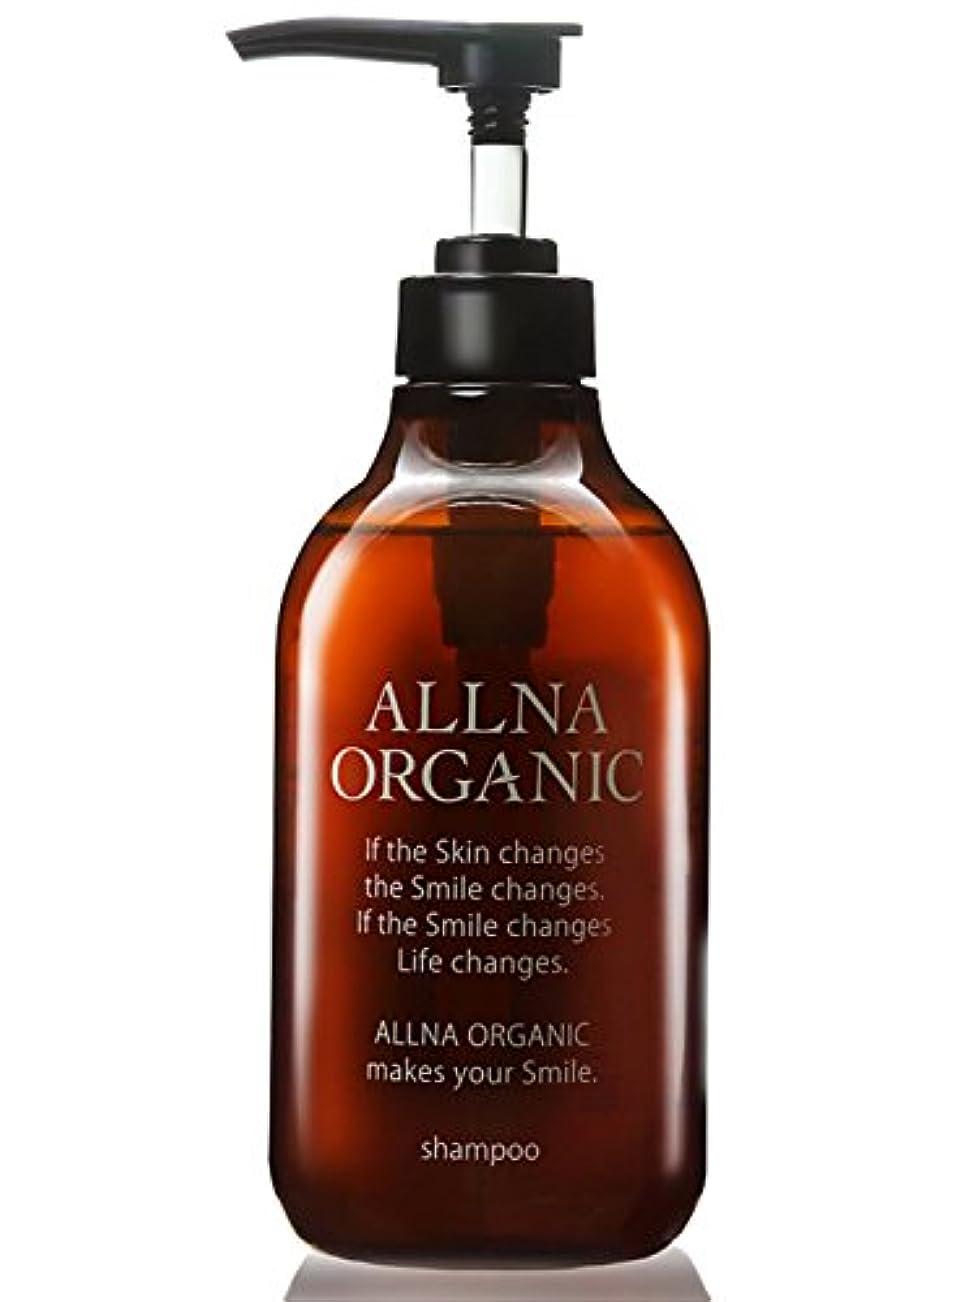 期待して不器用帰するオルナ オーガニック シャンプー 無添加 ノンシリコン アミノ酸 無香料でボタニカルな香り「コラーゲン ヒアルロン酸 ビタミンC誘導体 セラミド 配合」500ml (シャンプー ポンプ) (スムース)